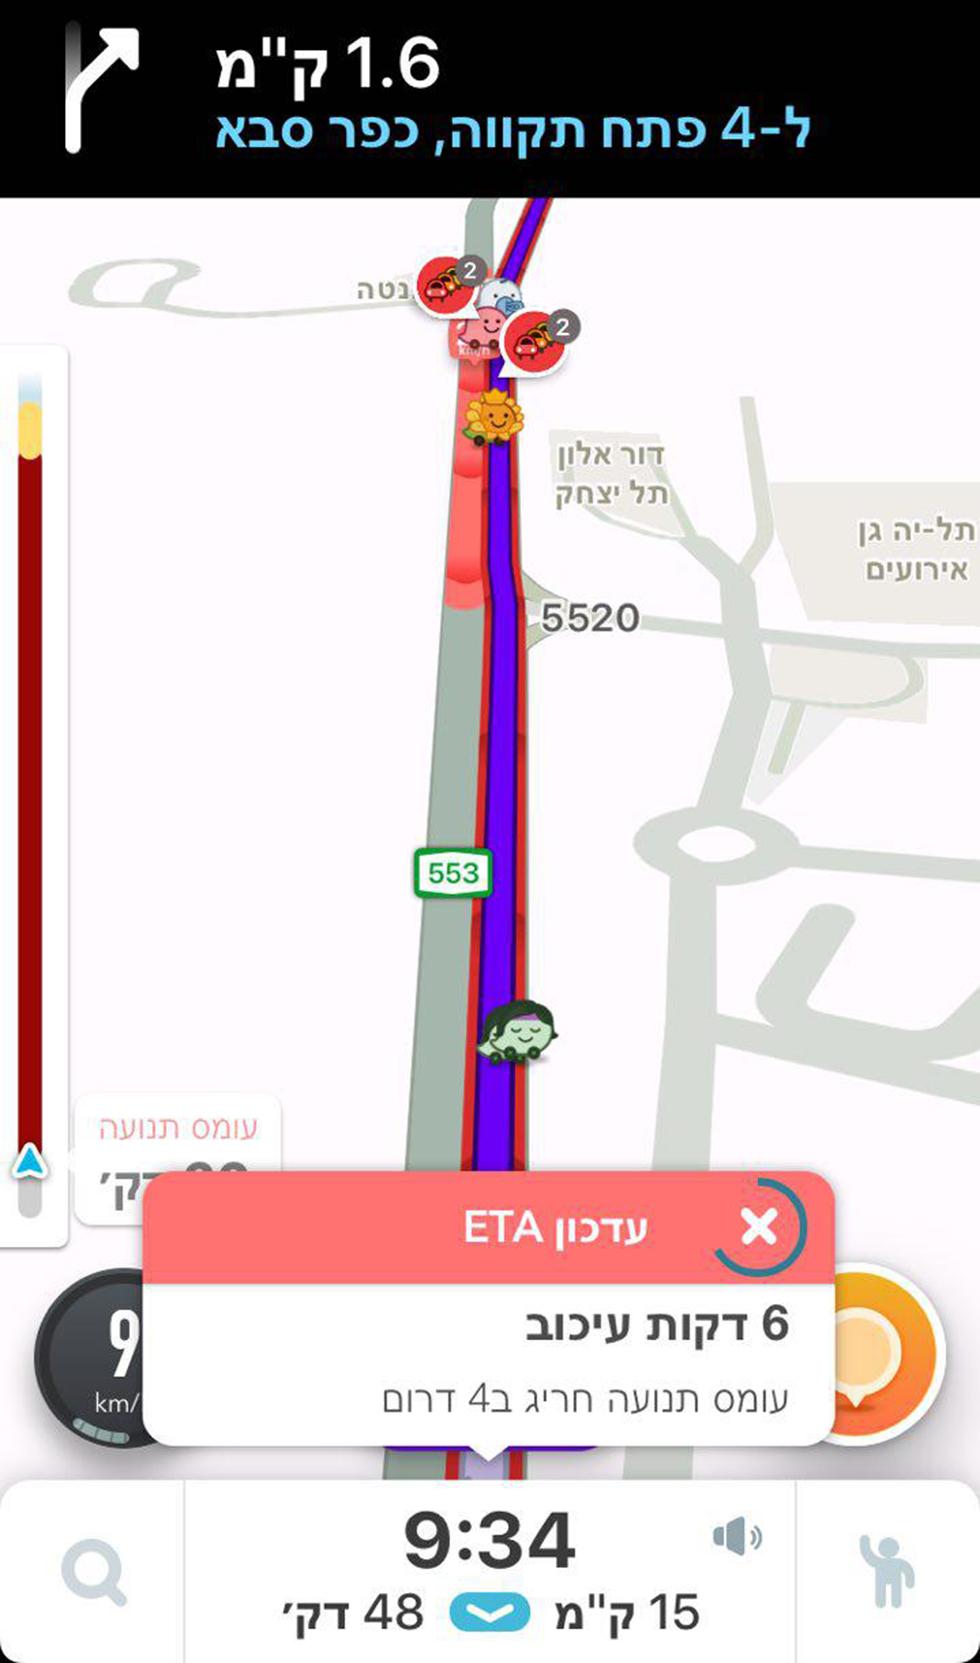 גם בכביש 4 נוצרו עומסי תנועה כבדים ()